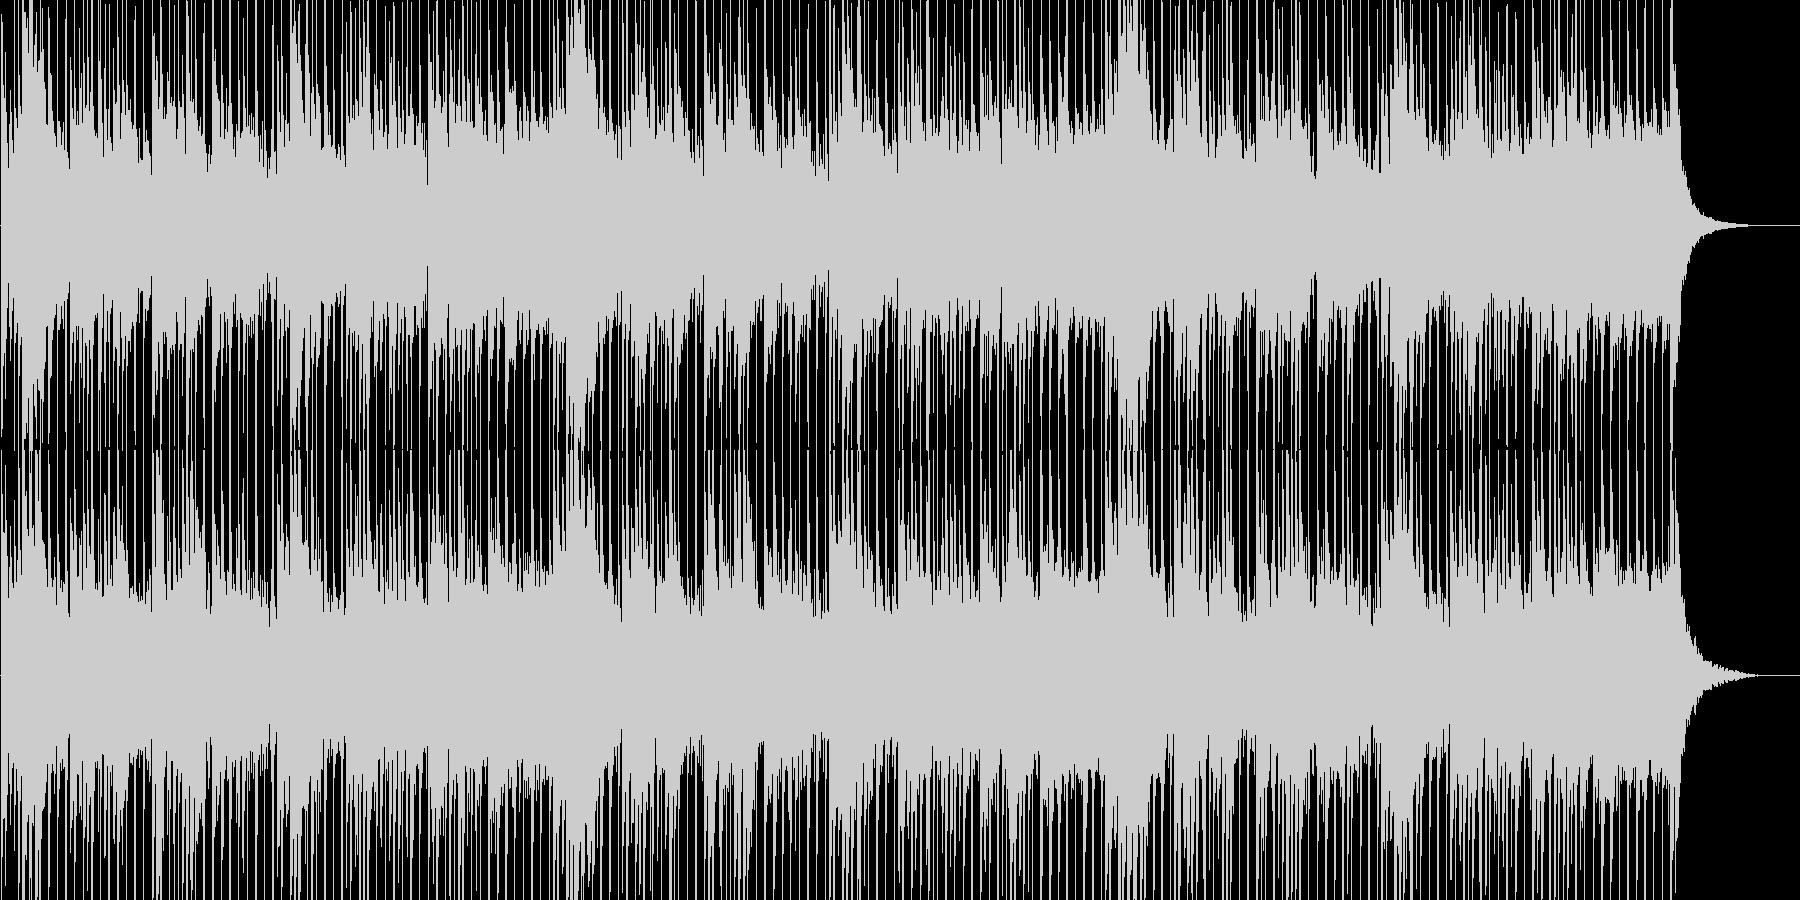 透明感&前向き&感動的なギター(ループ)の未再生の波形